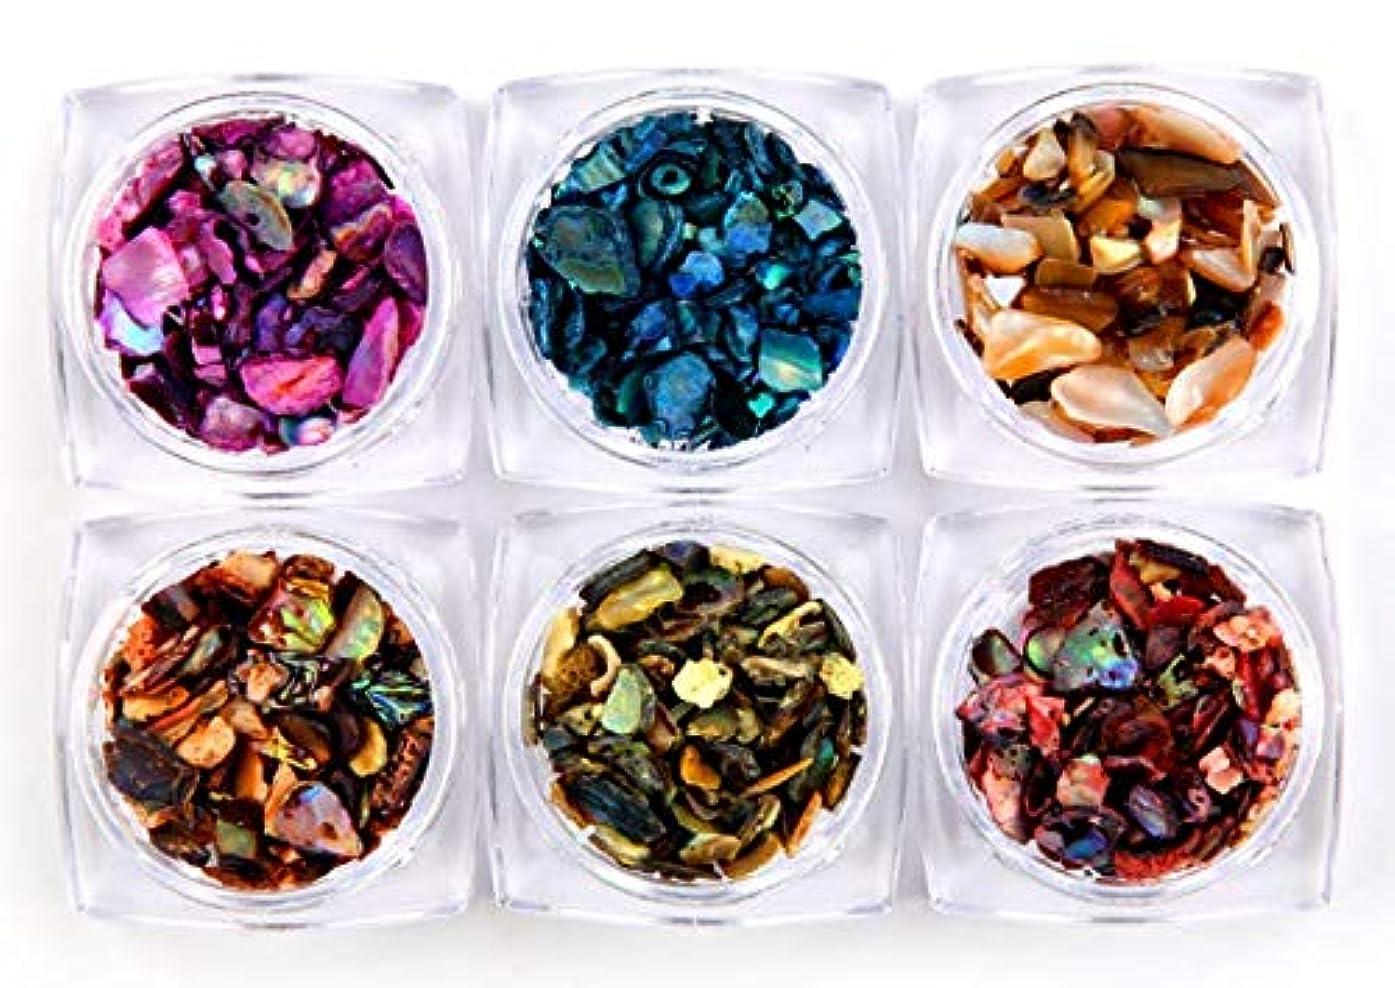 翻訳する商人メアリアンジョーンズェルネイル 貝殻石 6色セット 自然風 超薄 シェルフレーク (シェル)